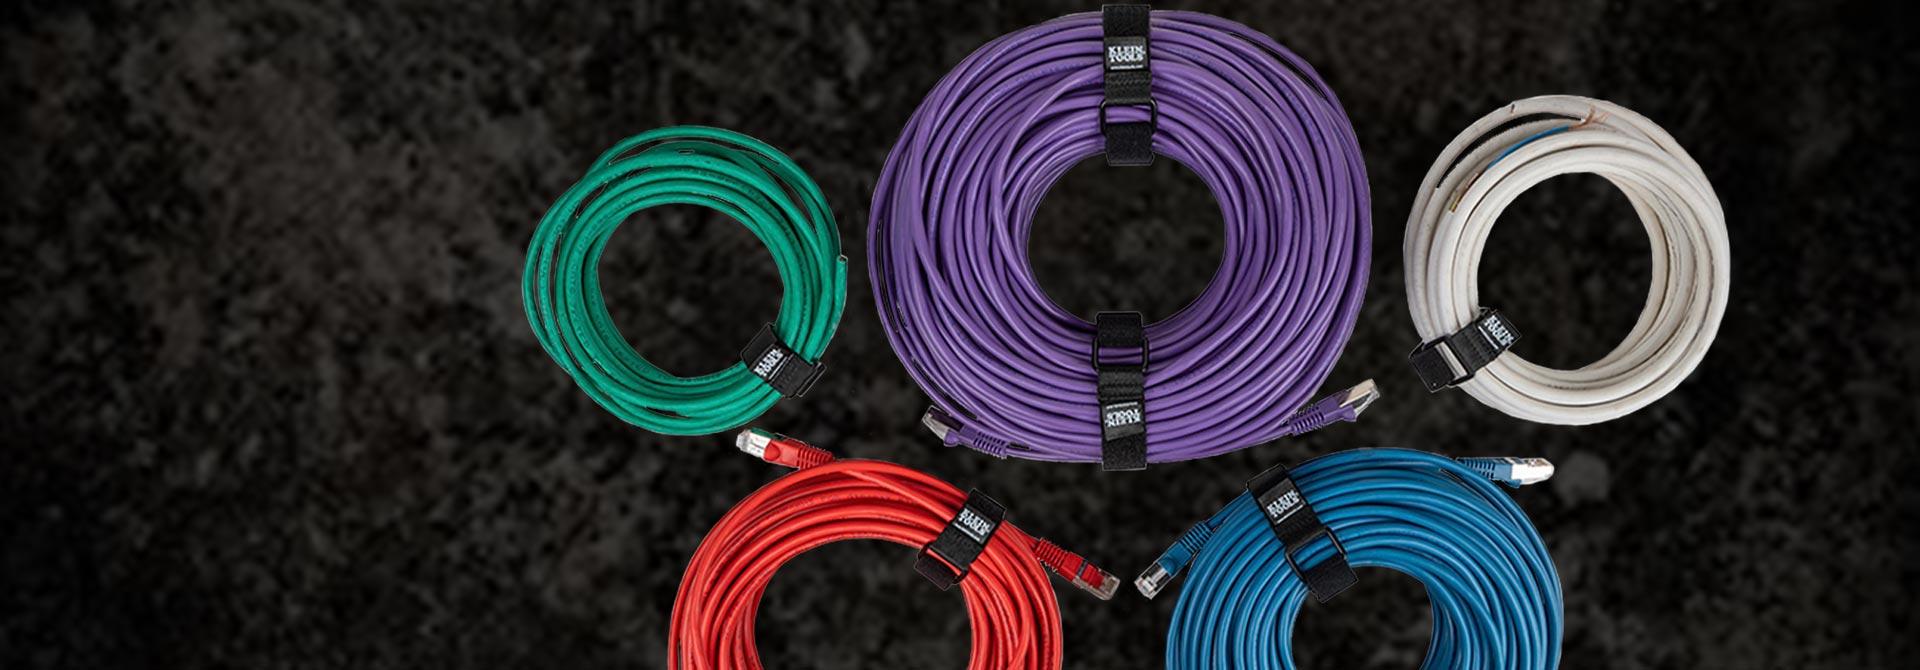 Hook and Loop \r\nCinch Straps